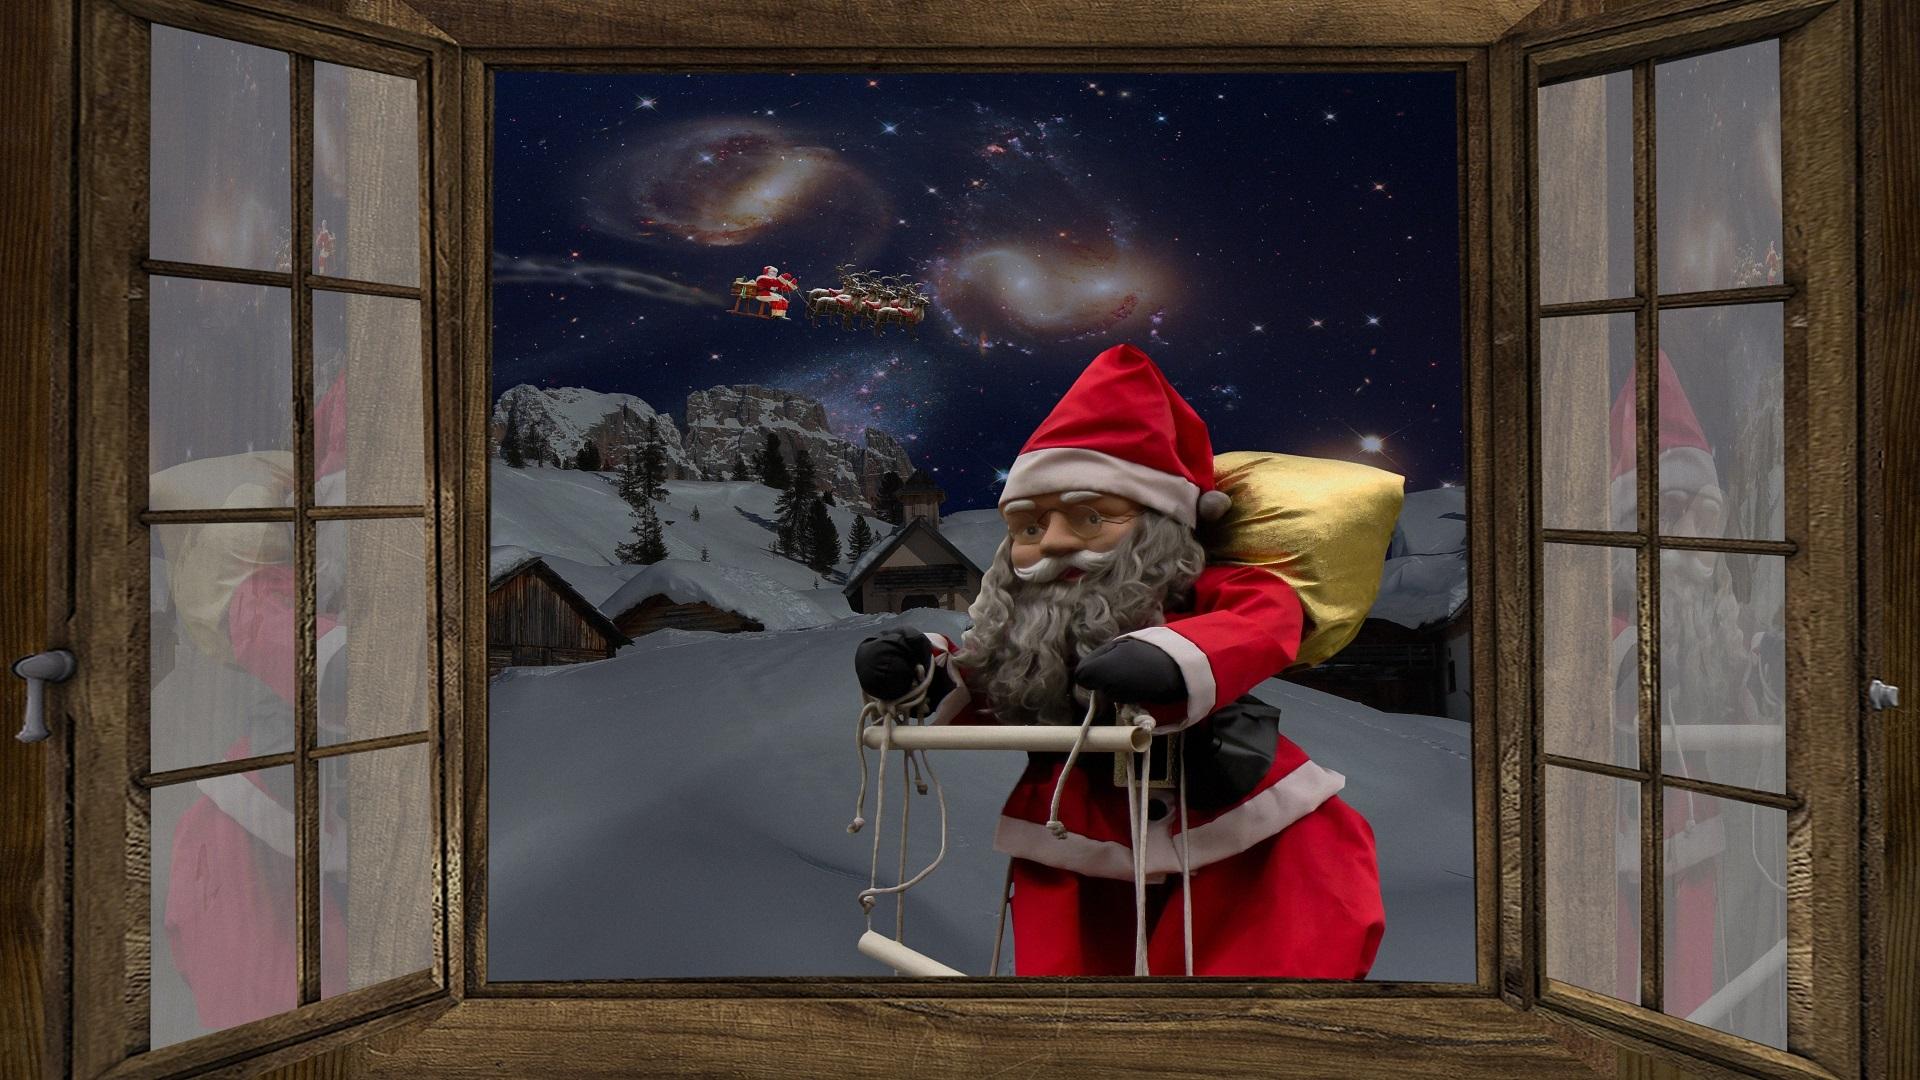 weihnachtsbilder kostenlos herunterladen 1920x1080. Black Bedroom Furniture Sets. Home Design Ideas